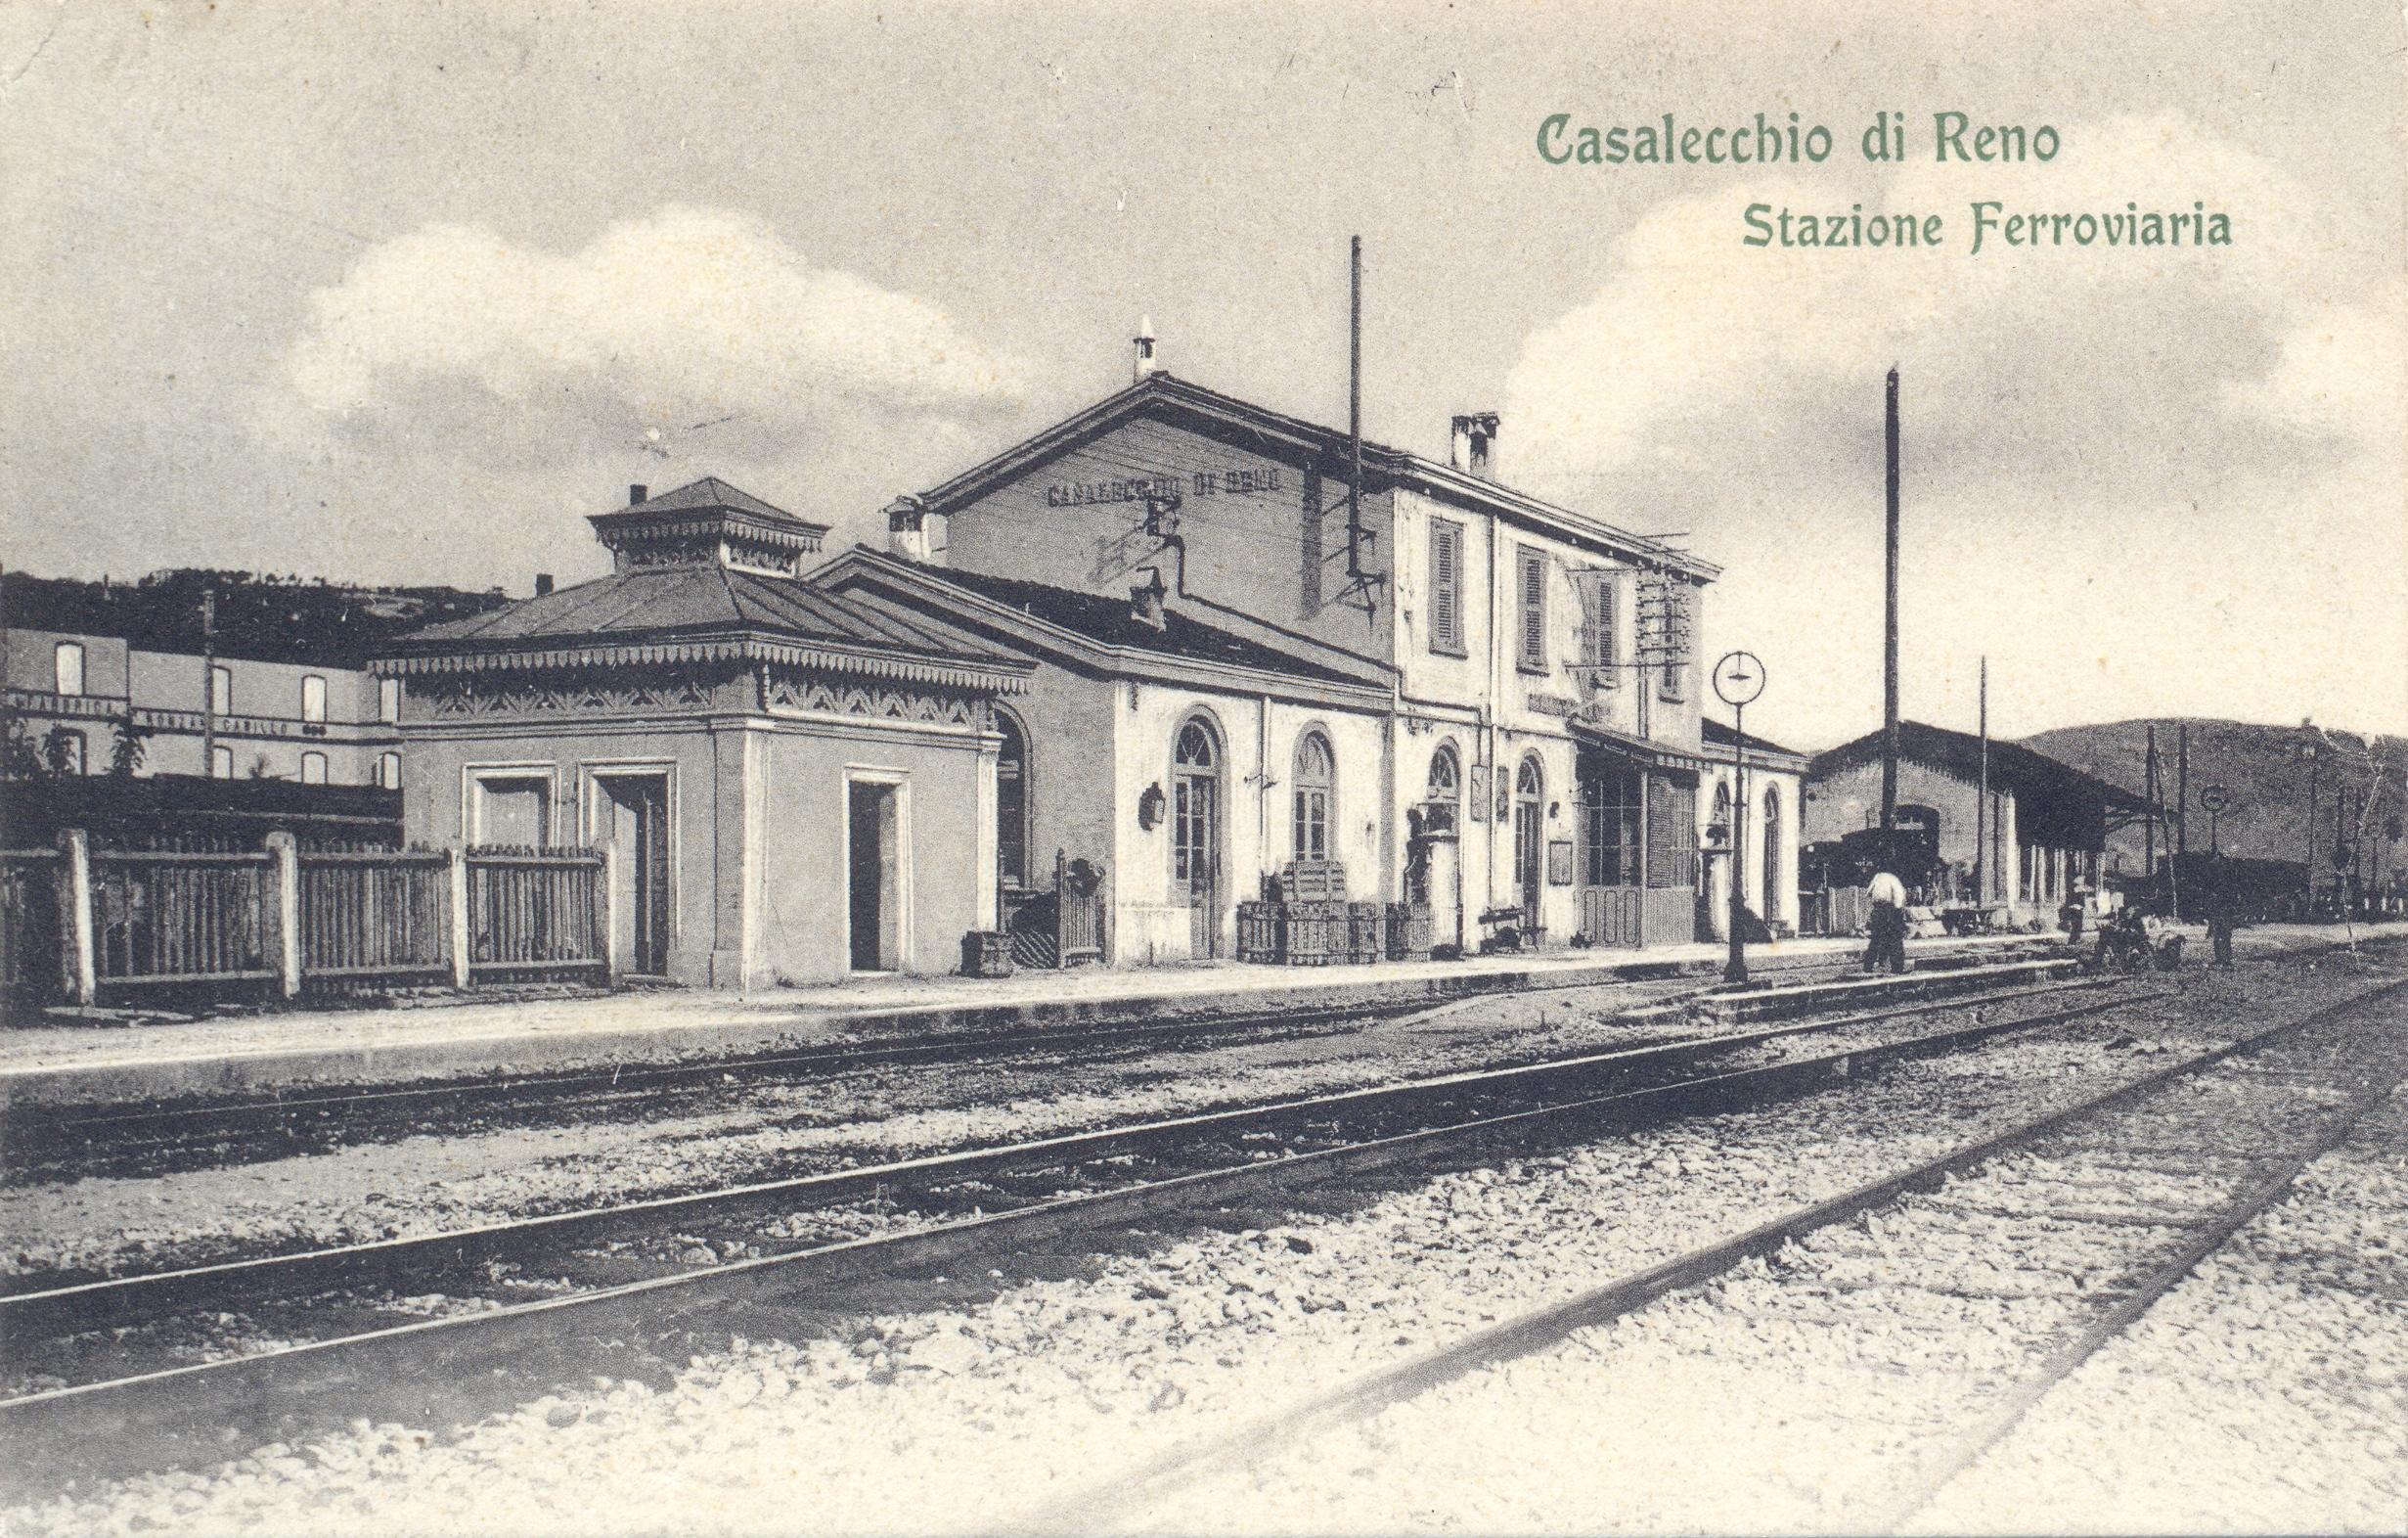 La stazione ferroviaria (Archivio fotografico Biblioteca C. Pavese)